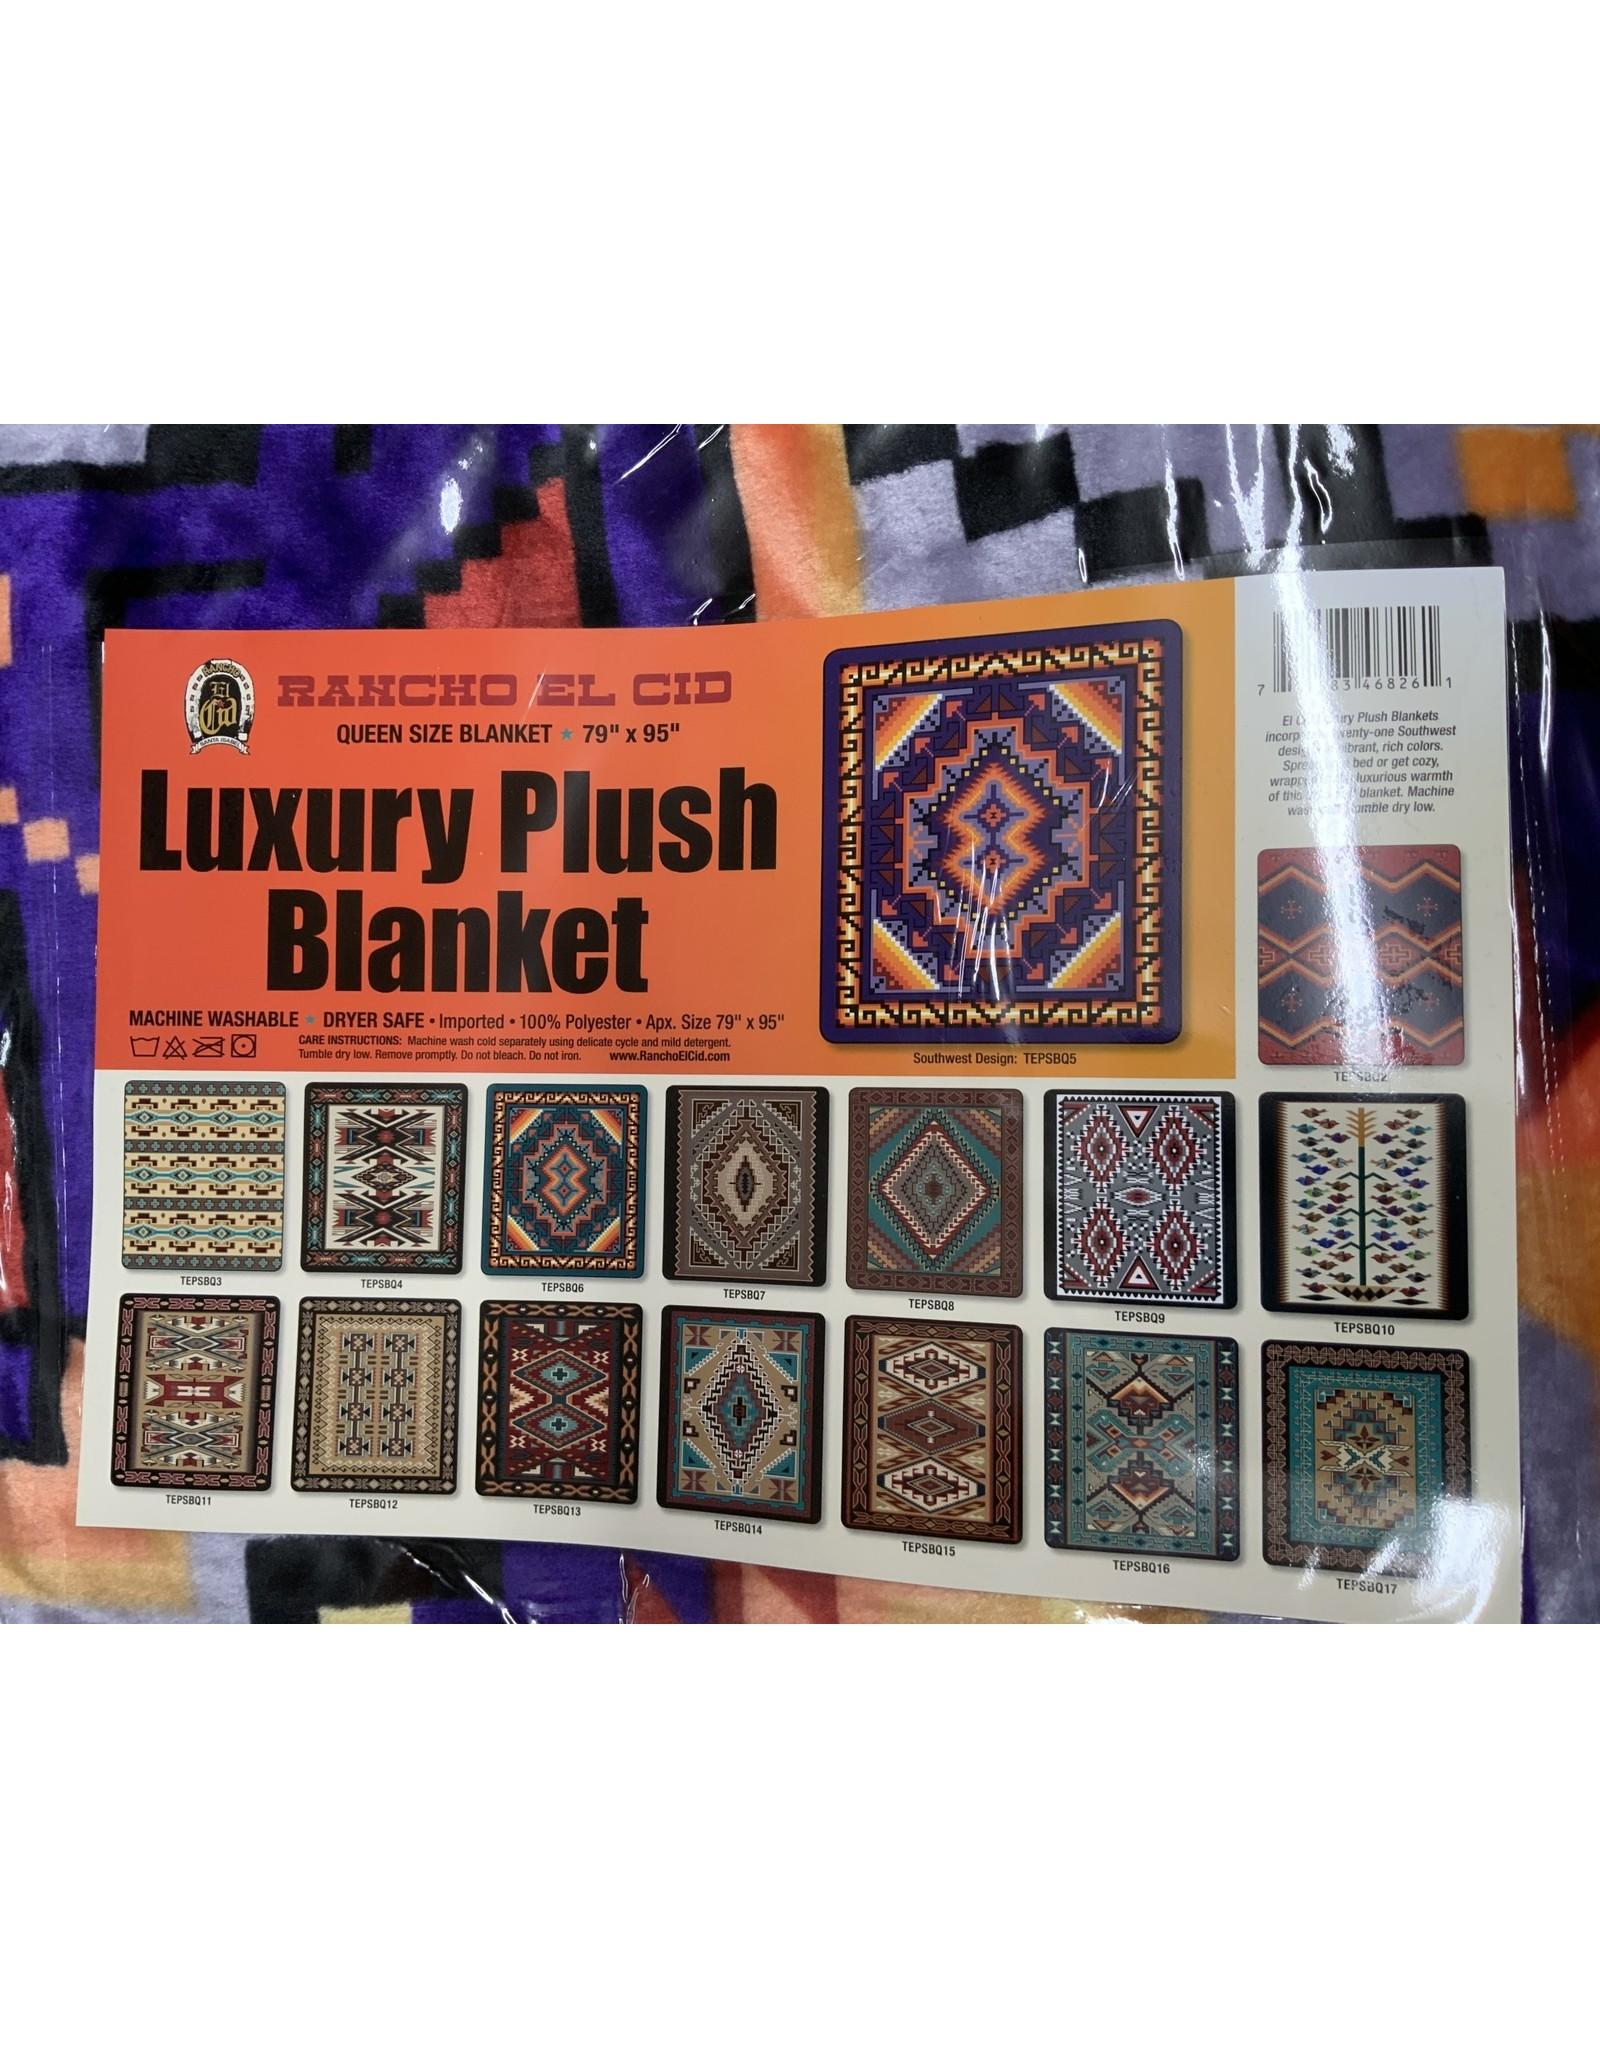 Blanket, queen size, luxury plush TEPSBQ5